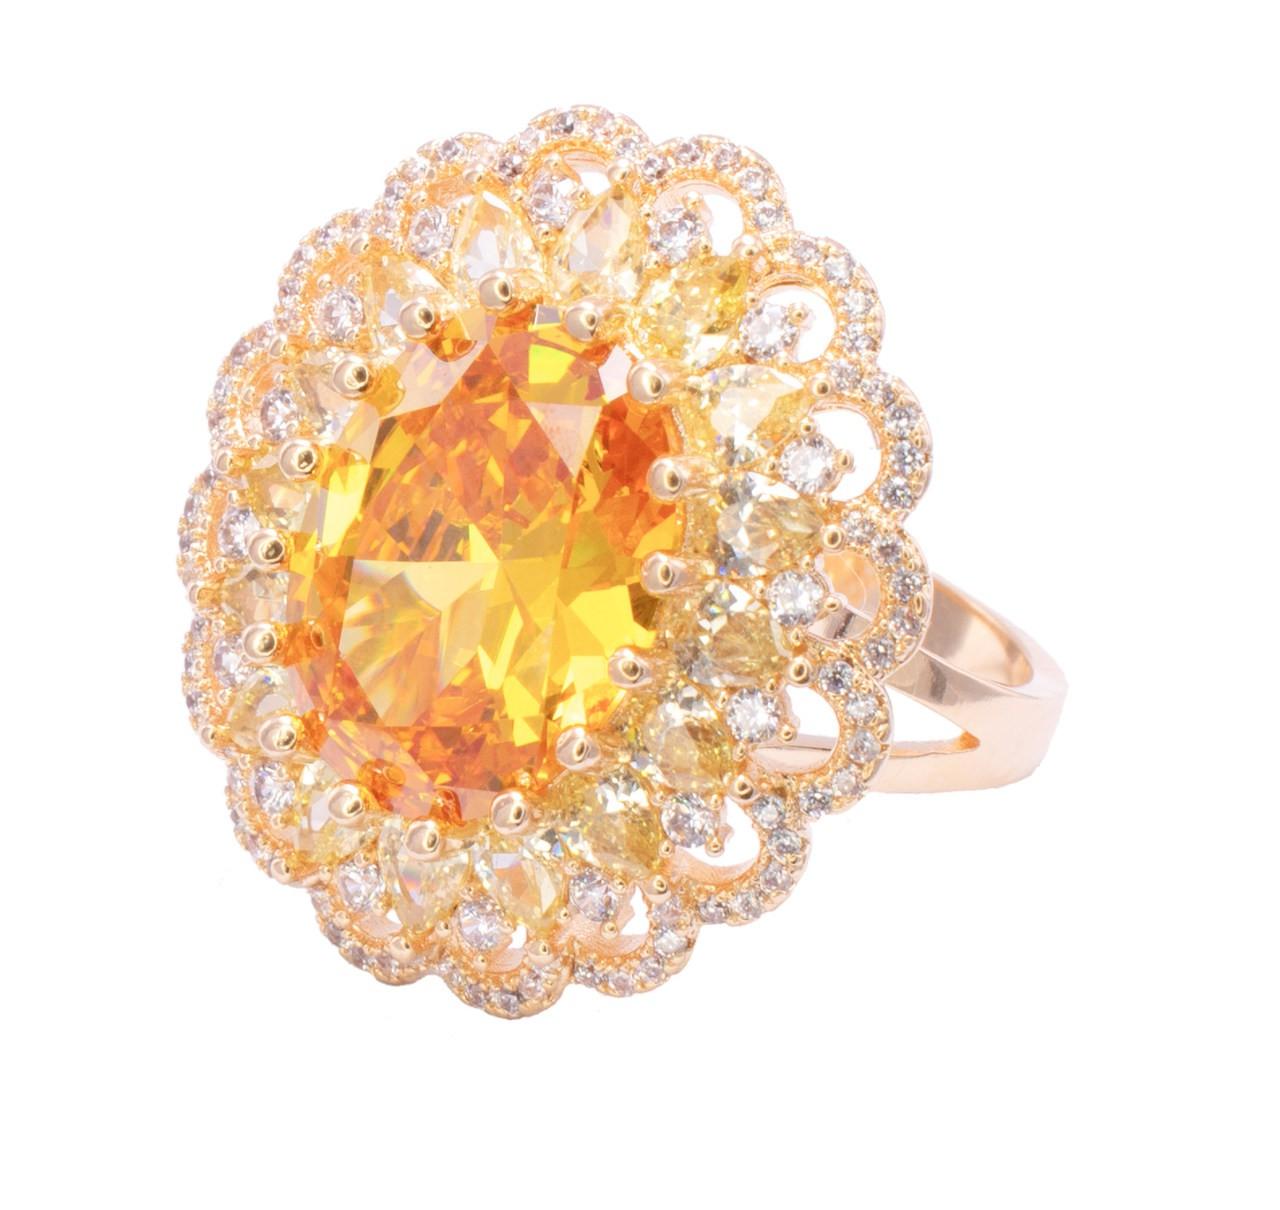 Anel com Cristal Amarelo e Pedras em Navete com Zircônias Folheado em Ouro 18k - Giro Semijoias